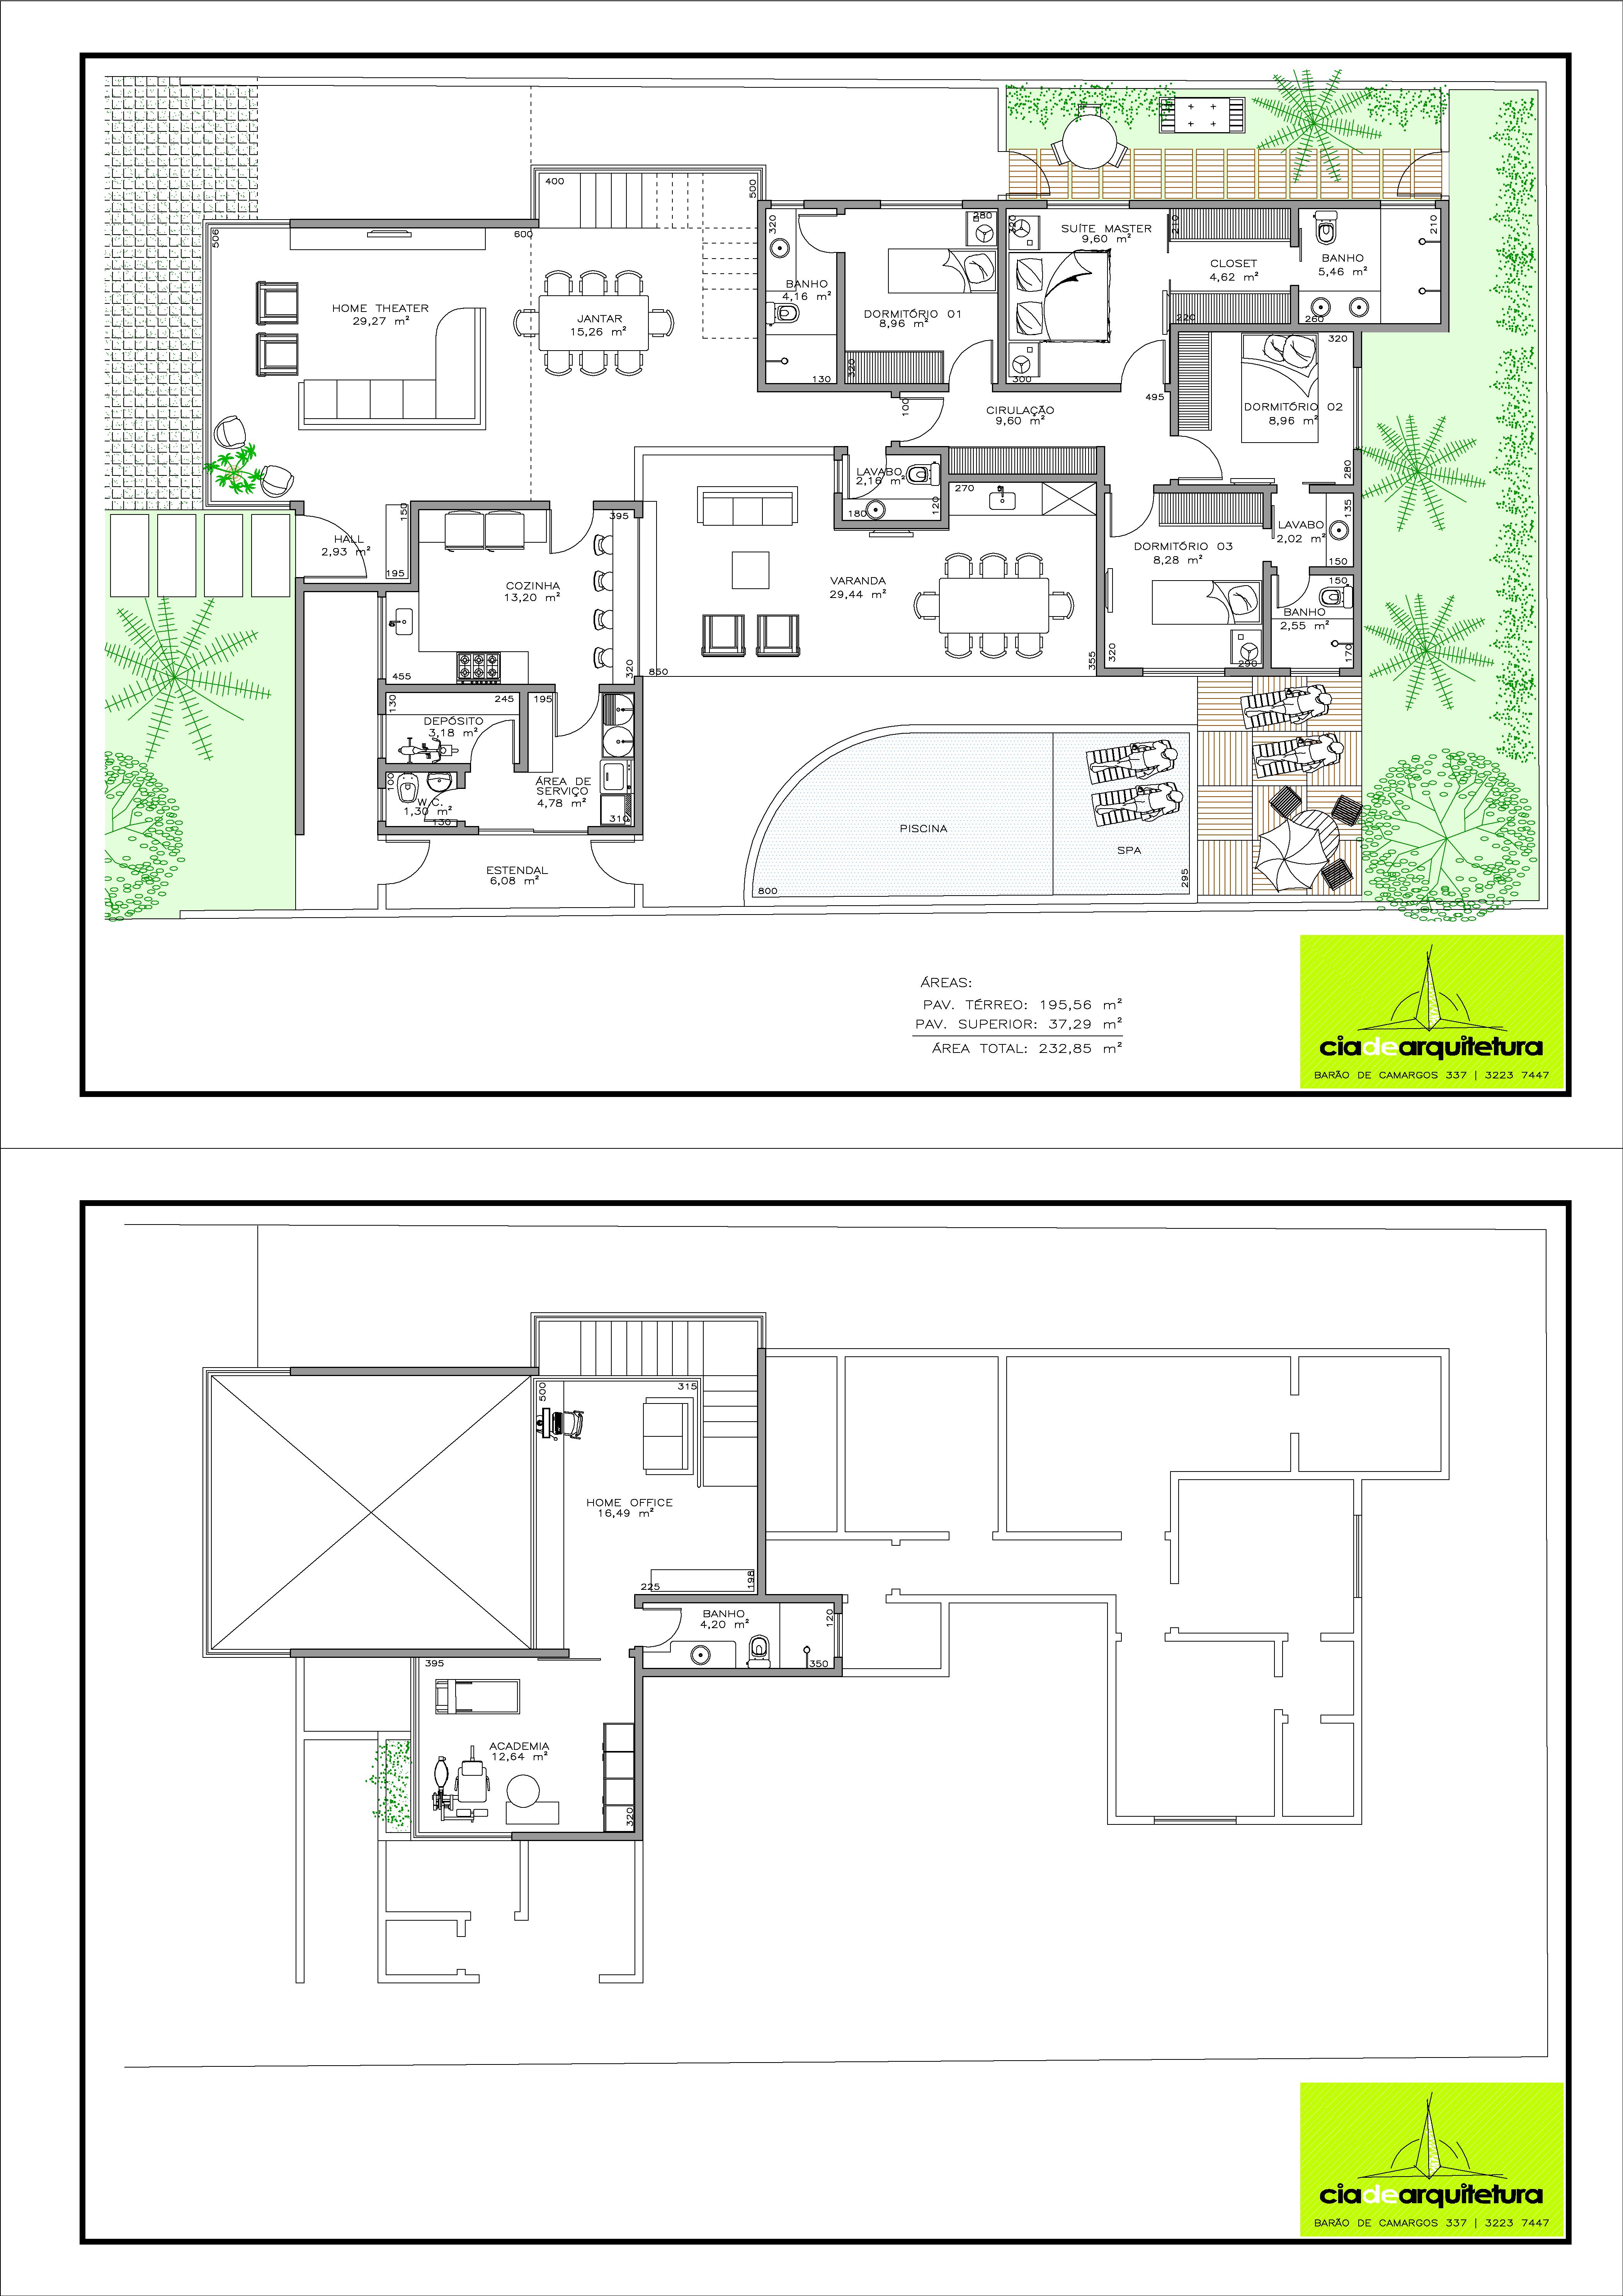 Projetos Residenciais Blog Cia de Arquitetura Página: 2 #98C803 4200 5940